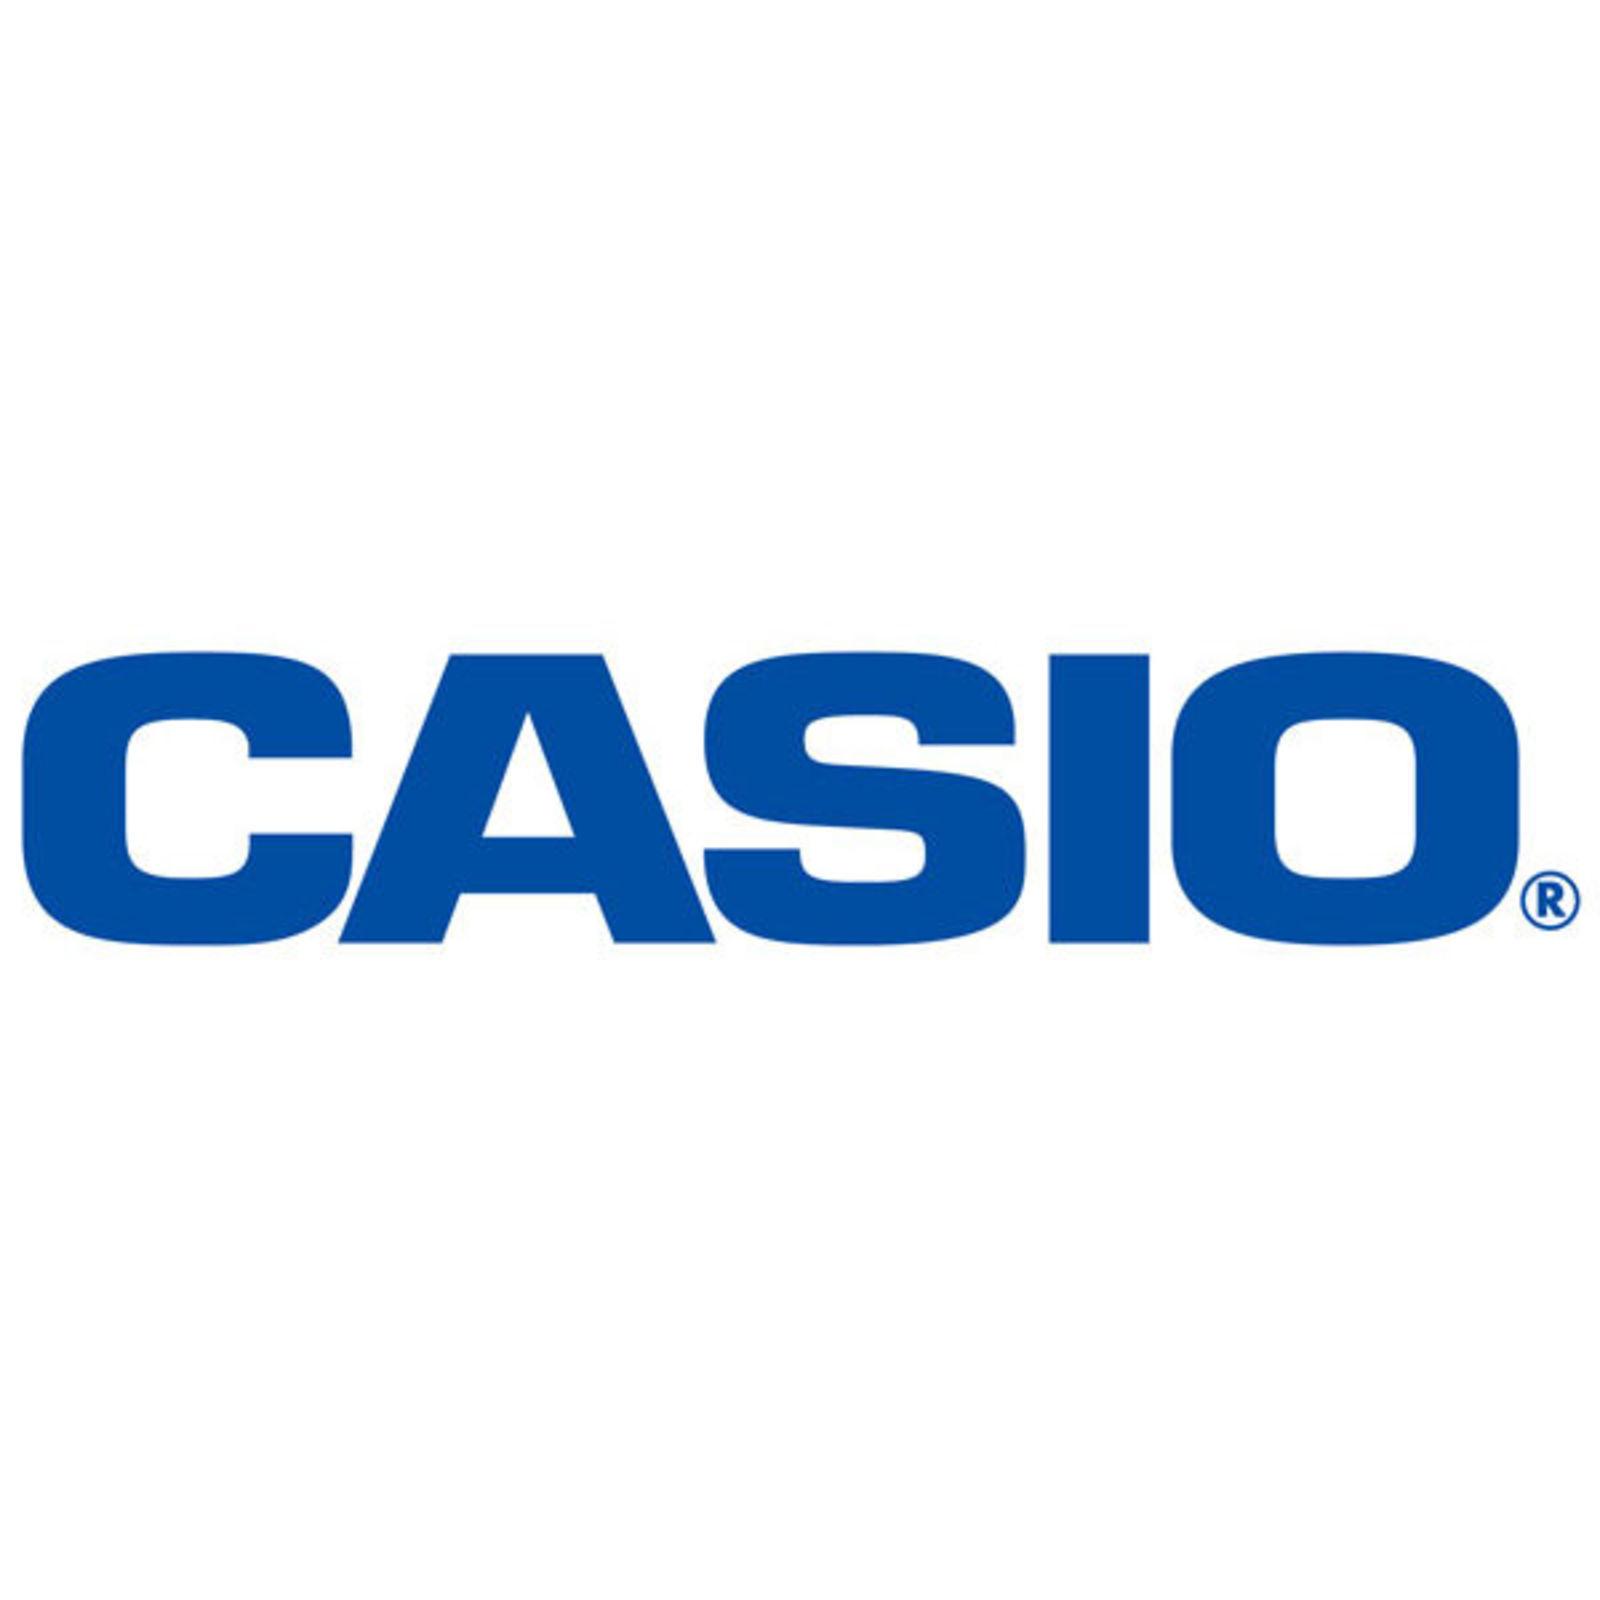 CASIO (Bild 1)